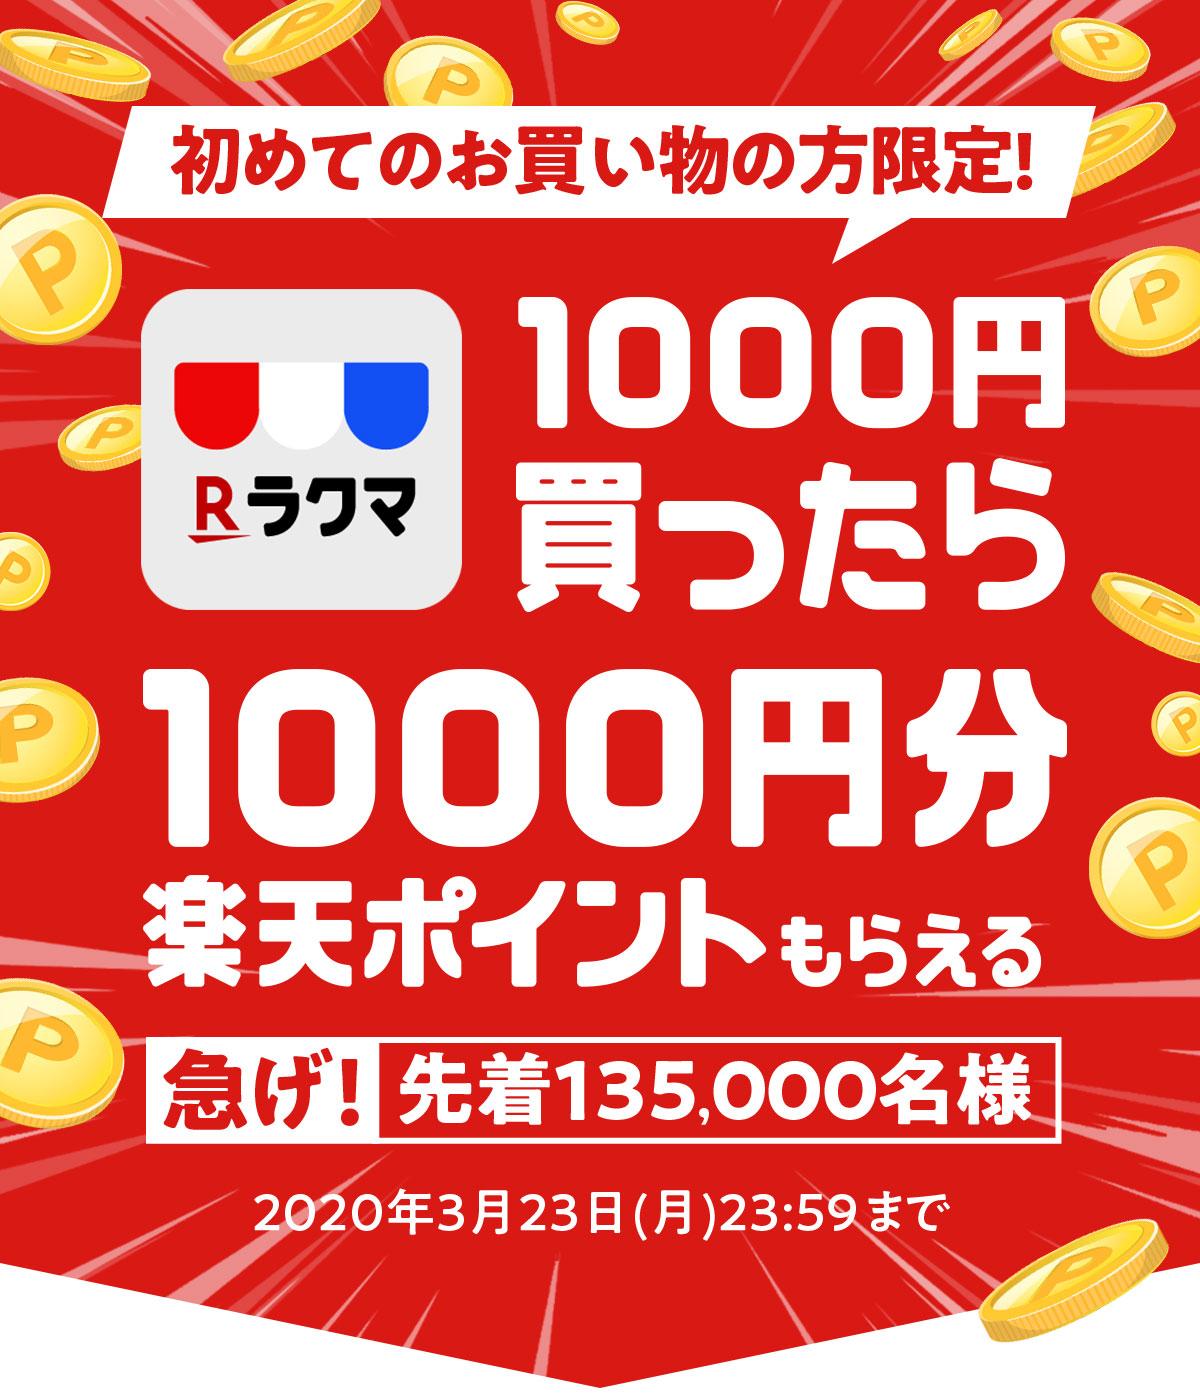 フリルで初めて1000円分買うと、1000円分の楽天ポイントが貰えて実質無料。先着13.5万名。~3/23。